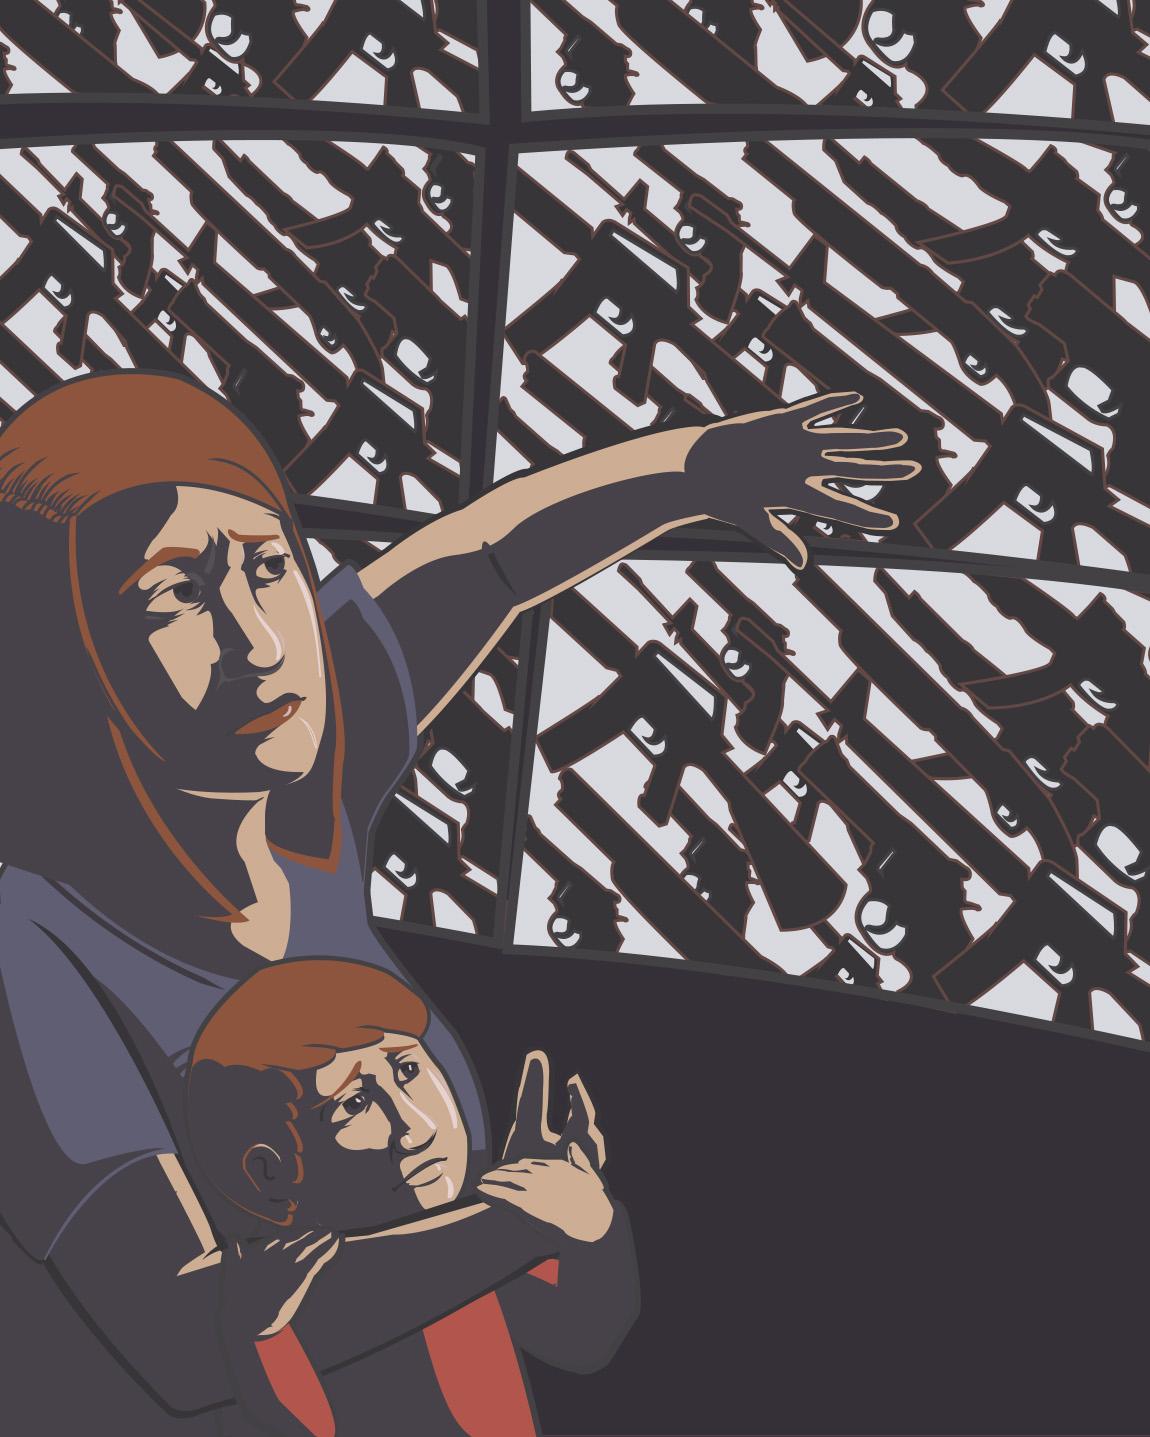 Illustration by Santiago A. Lopez